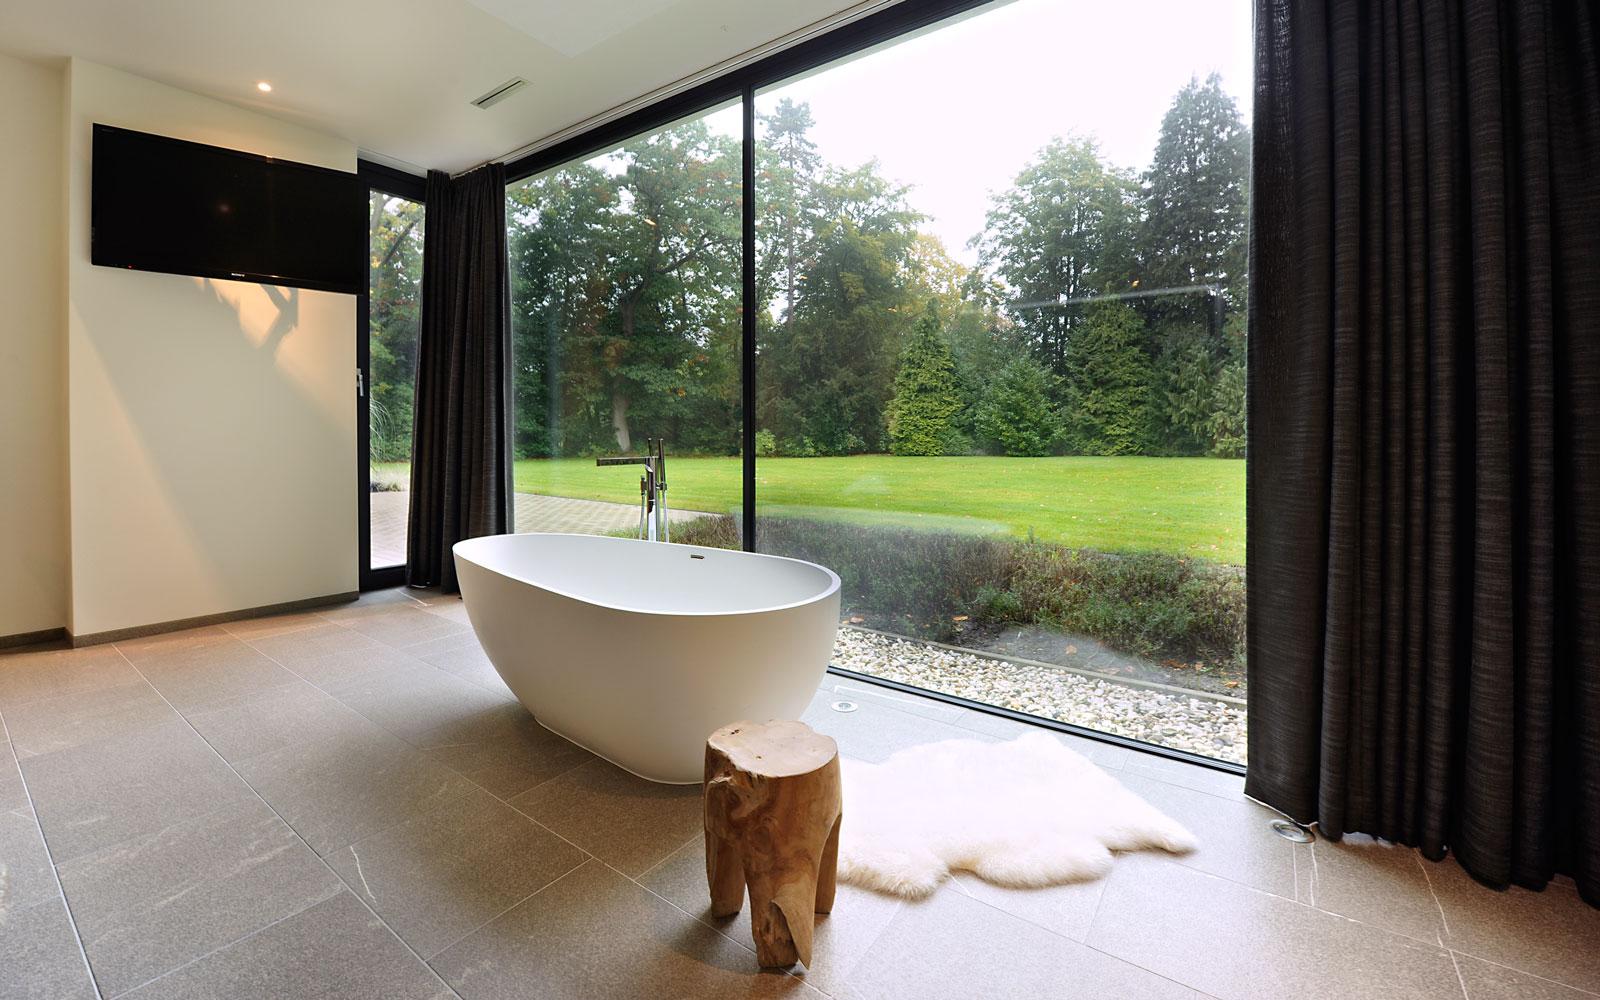 Badkamer, slaapkamer, een geheel, vrijstaand bad, grote ramen, zicht op de tuin, modern landhuis, Maas architecten